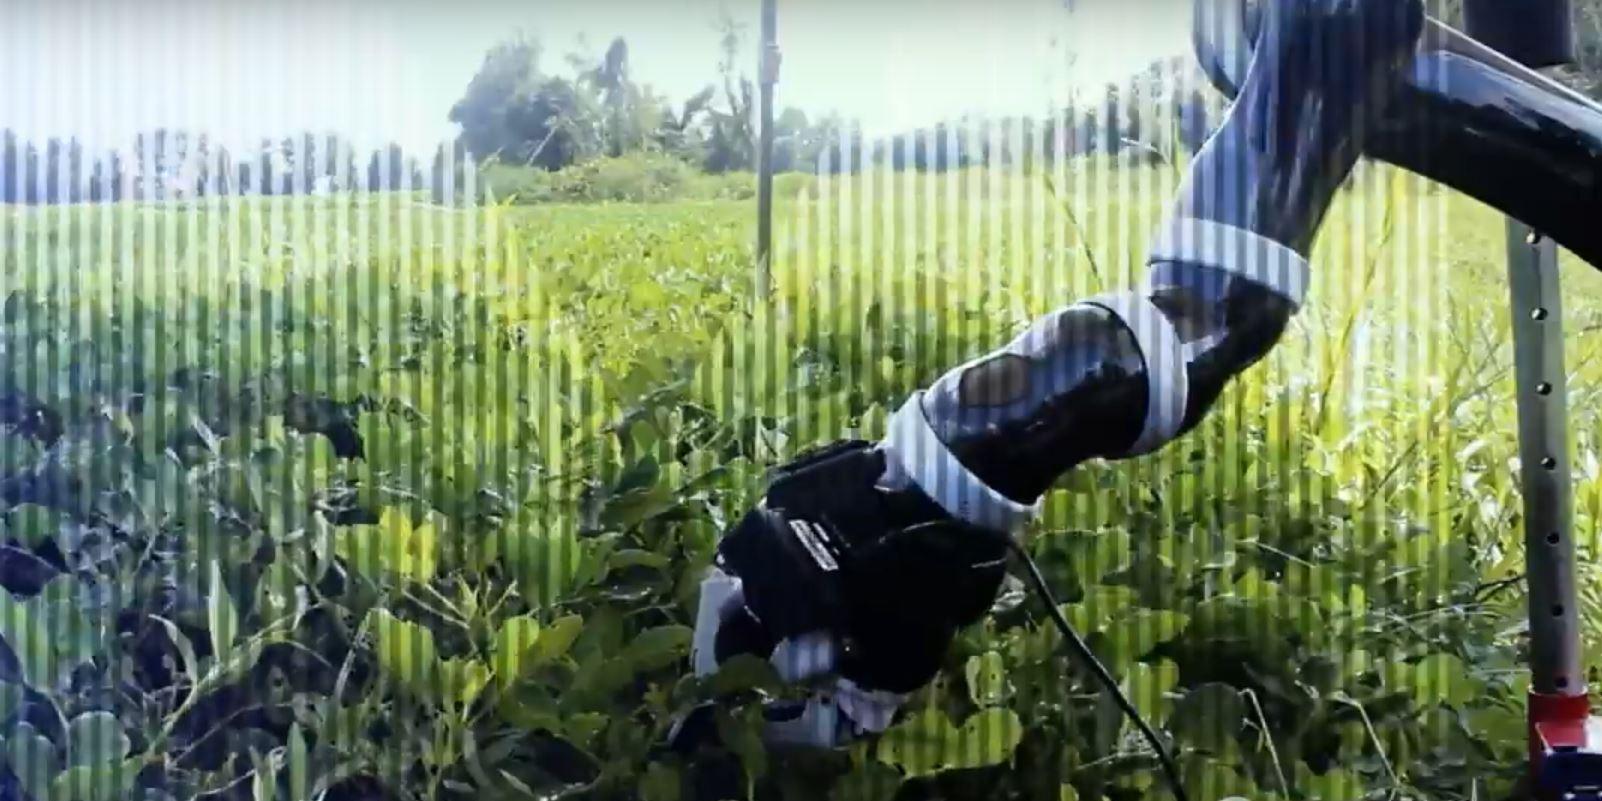 Теперь роботы способны самообучаться и сами собирать необходимые детали из подручных материалов